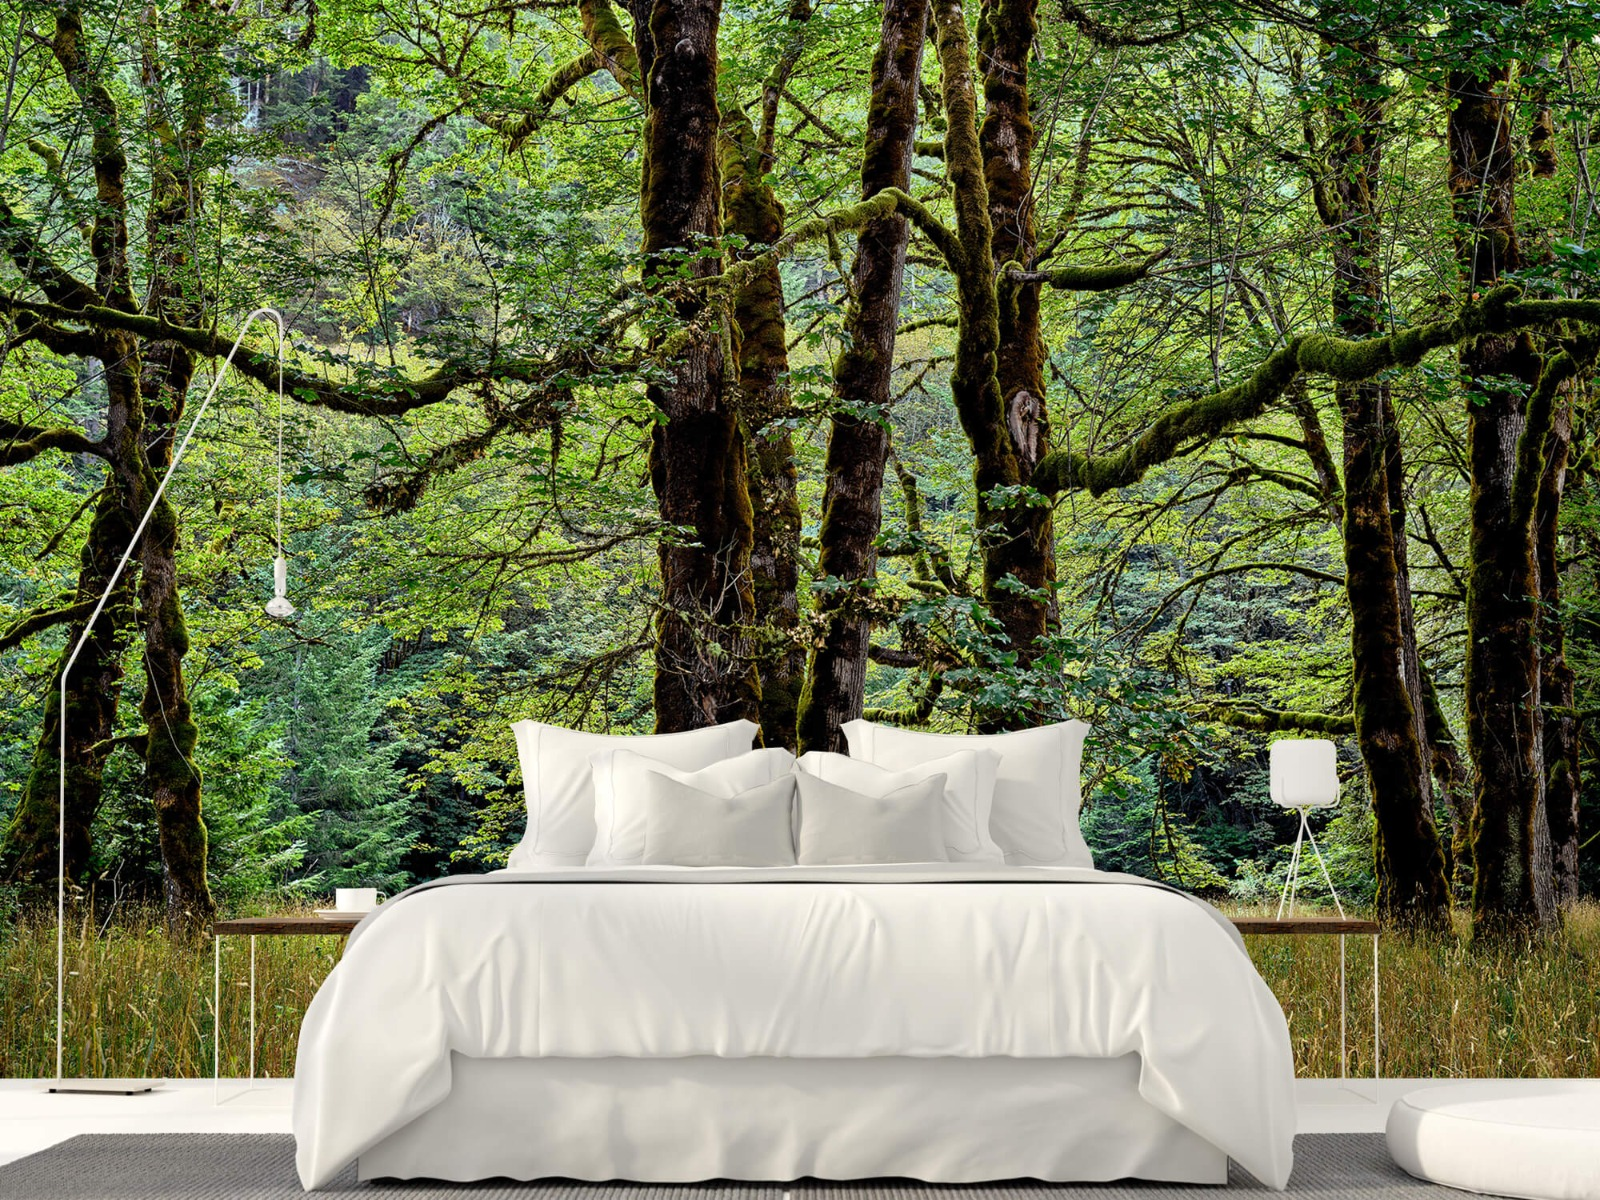 Bomen - Bomen met mos - Wallexclusive - Slaapkamer 17